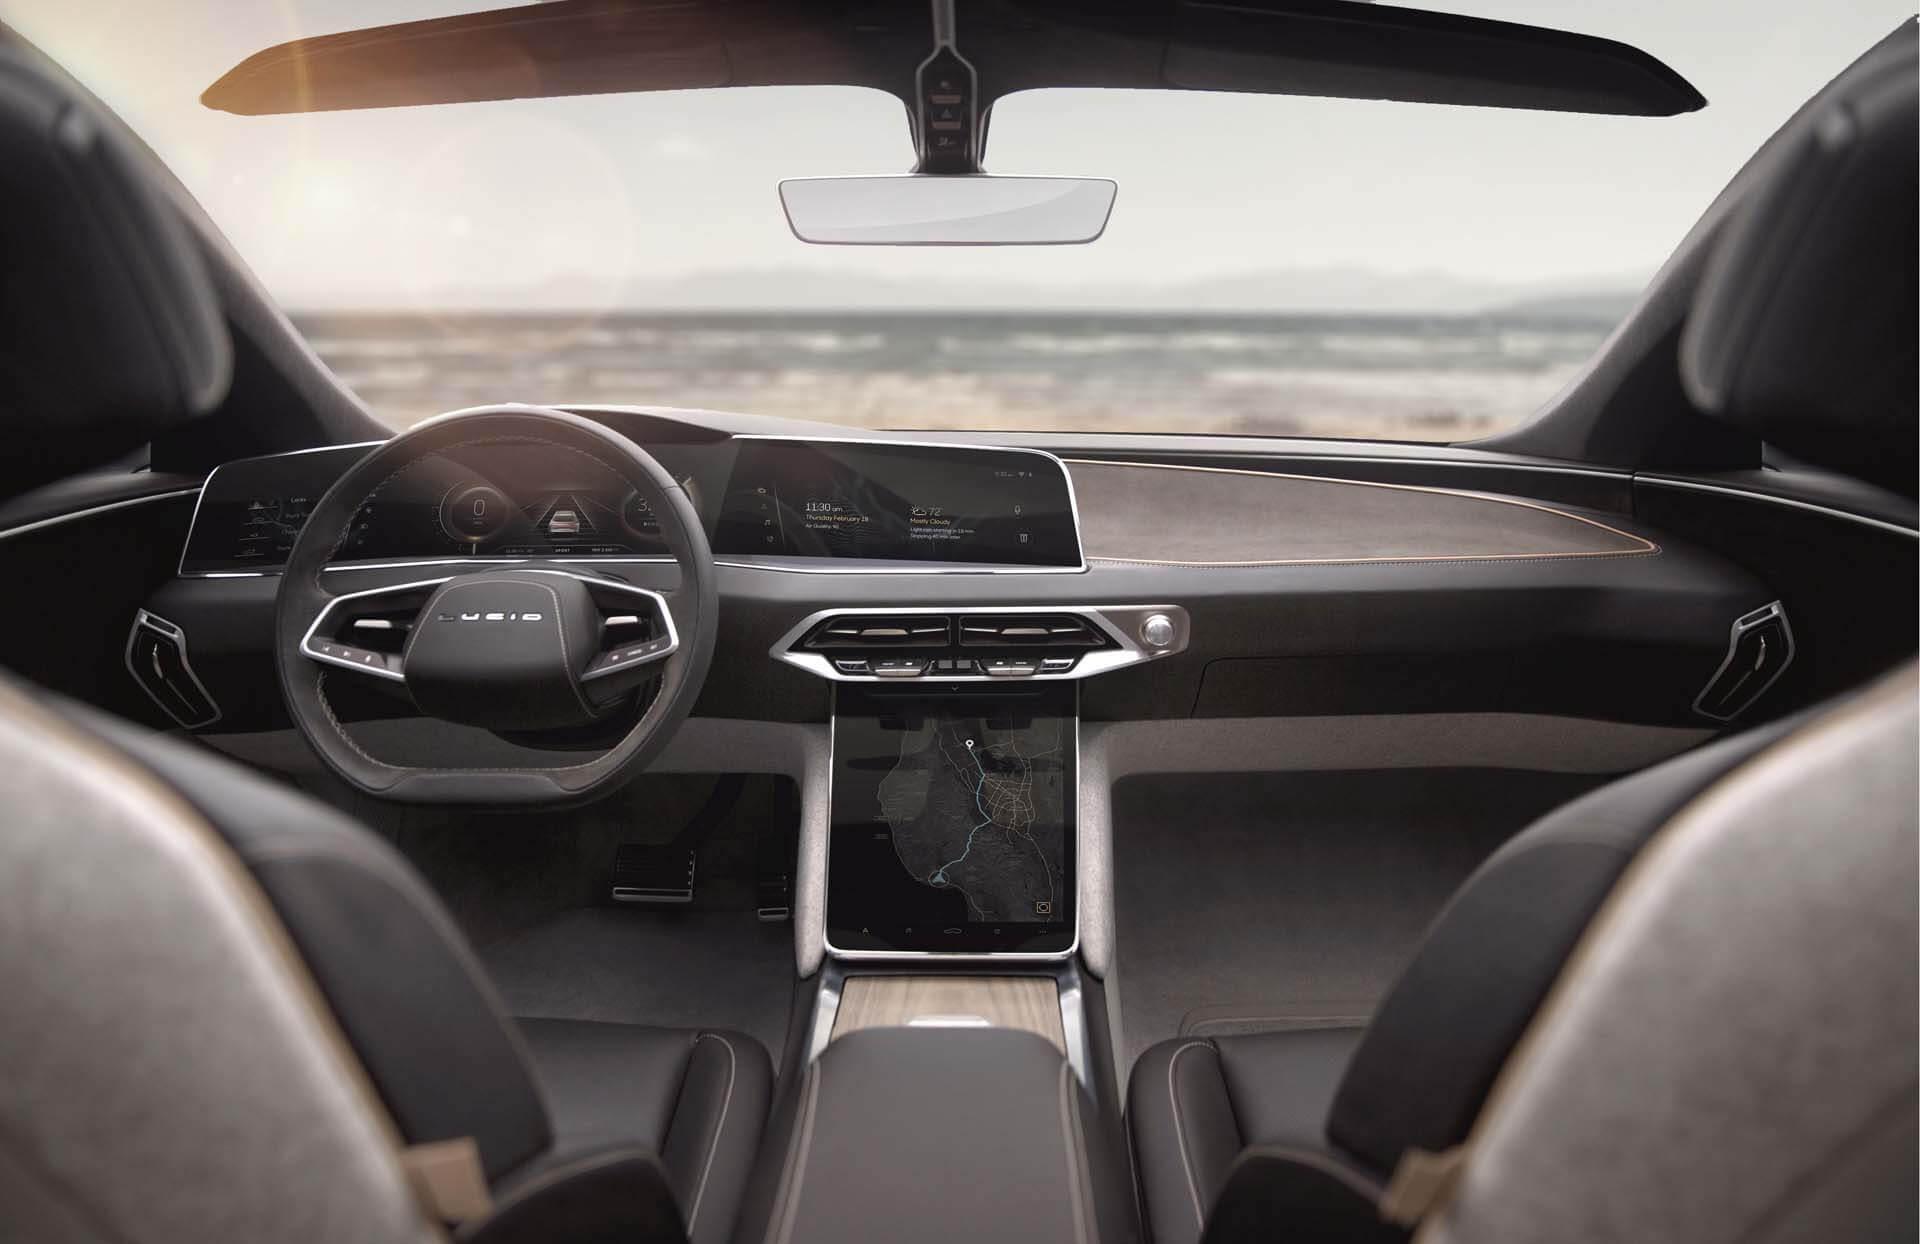 تستخدم السيارة أجهزة استشعار للقيادة الذاتية.